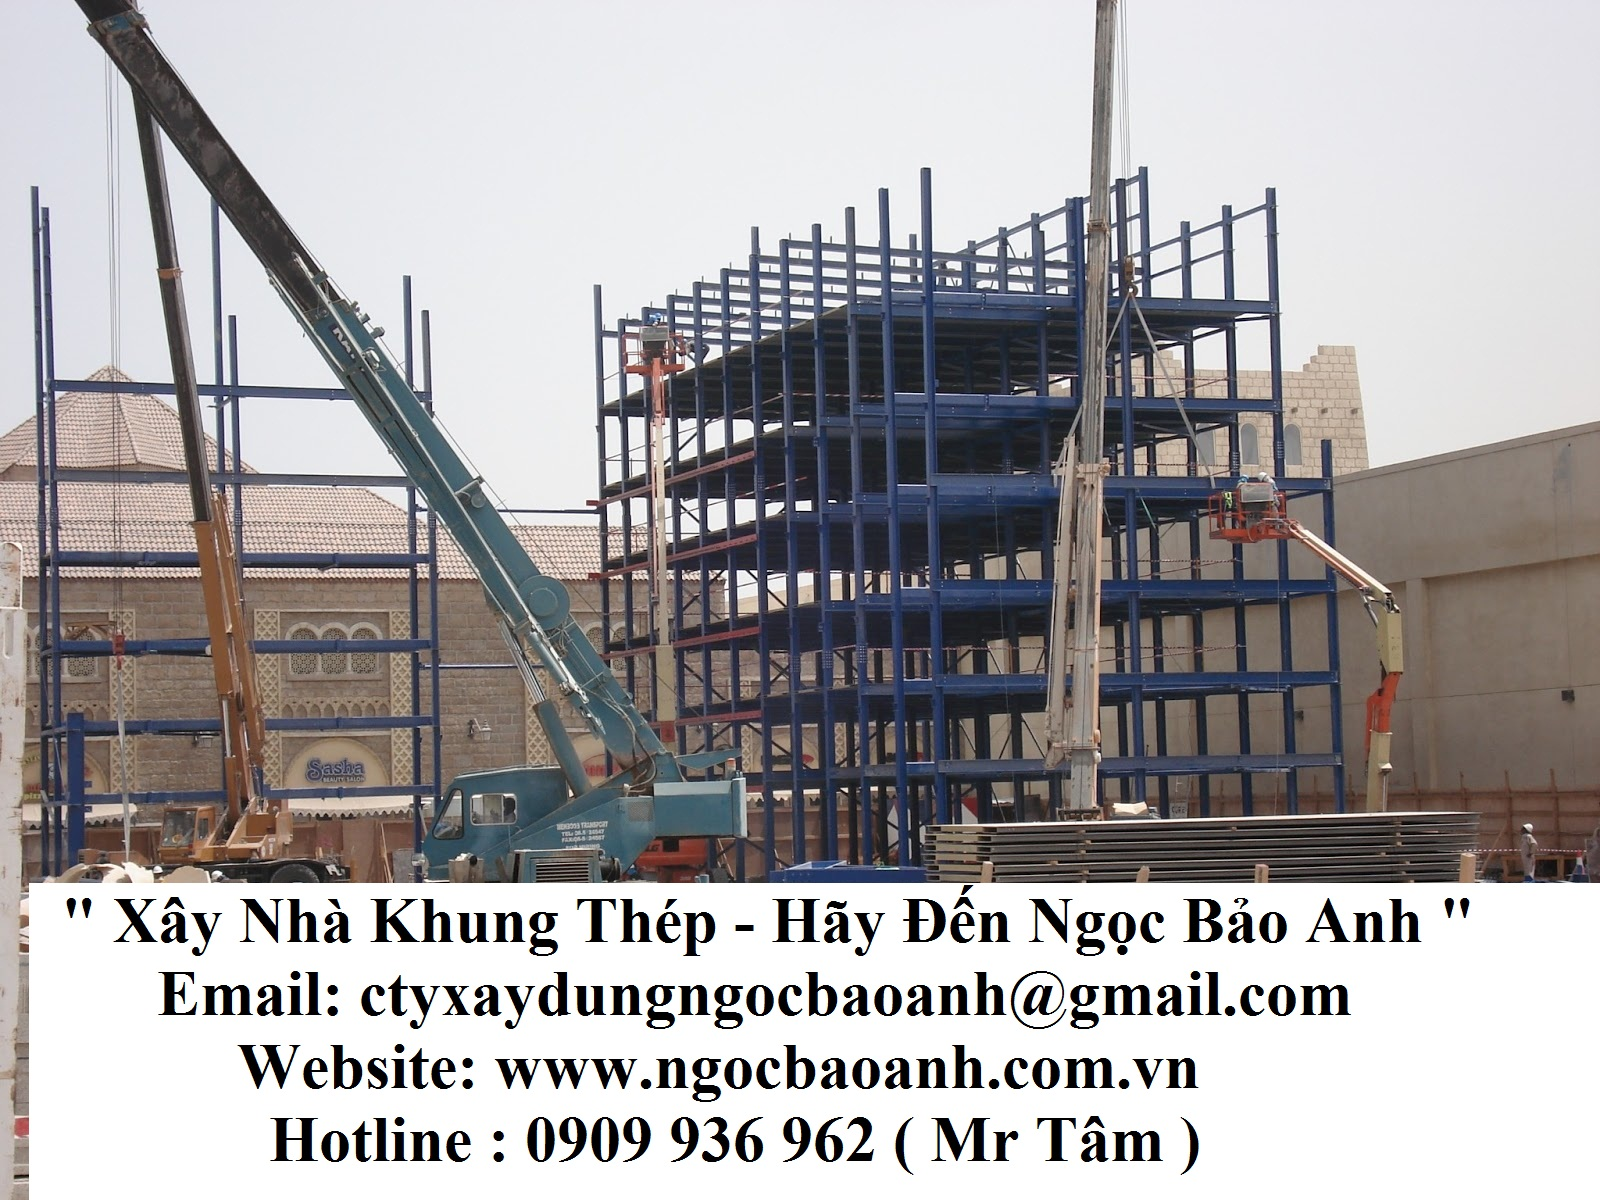 xây dựng nhà khung thép (11)